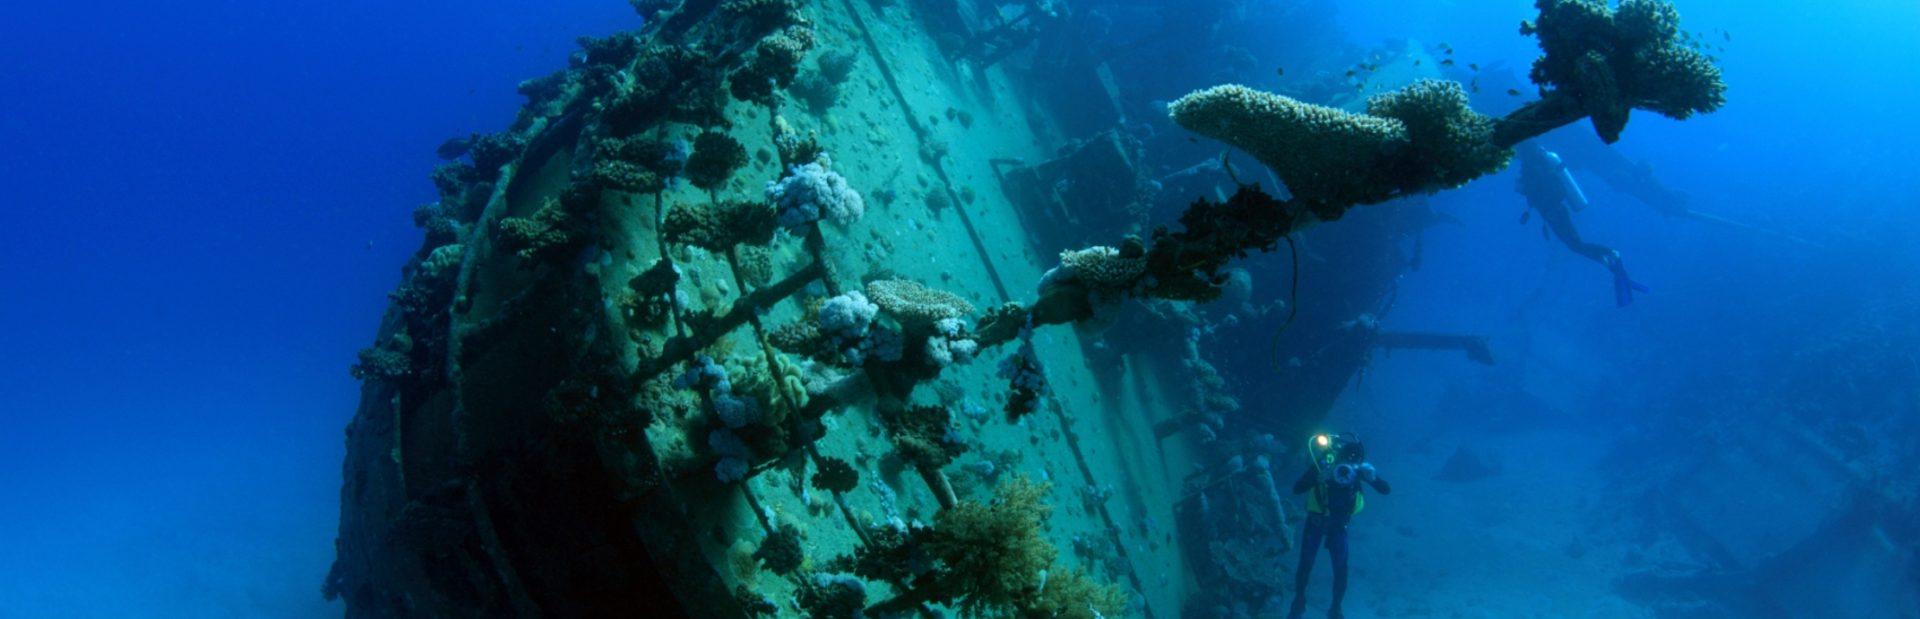 Egypt & Red Sea photo tour